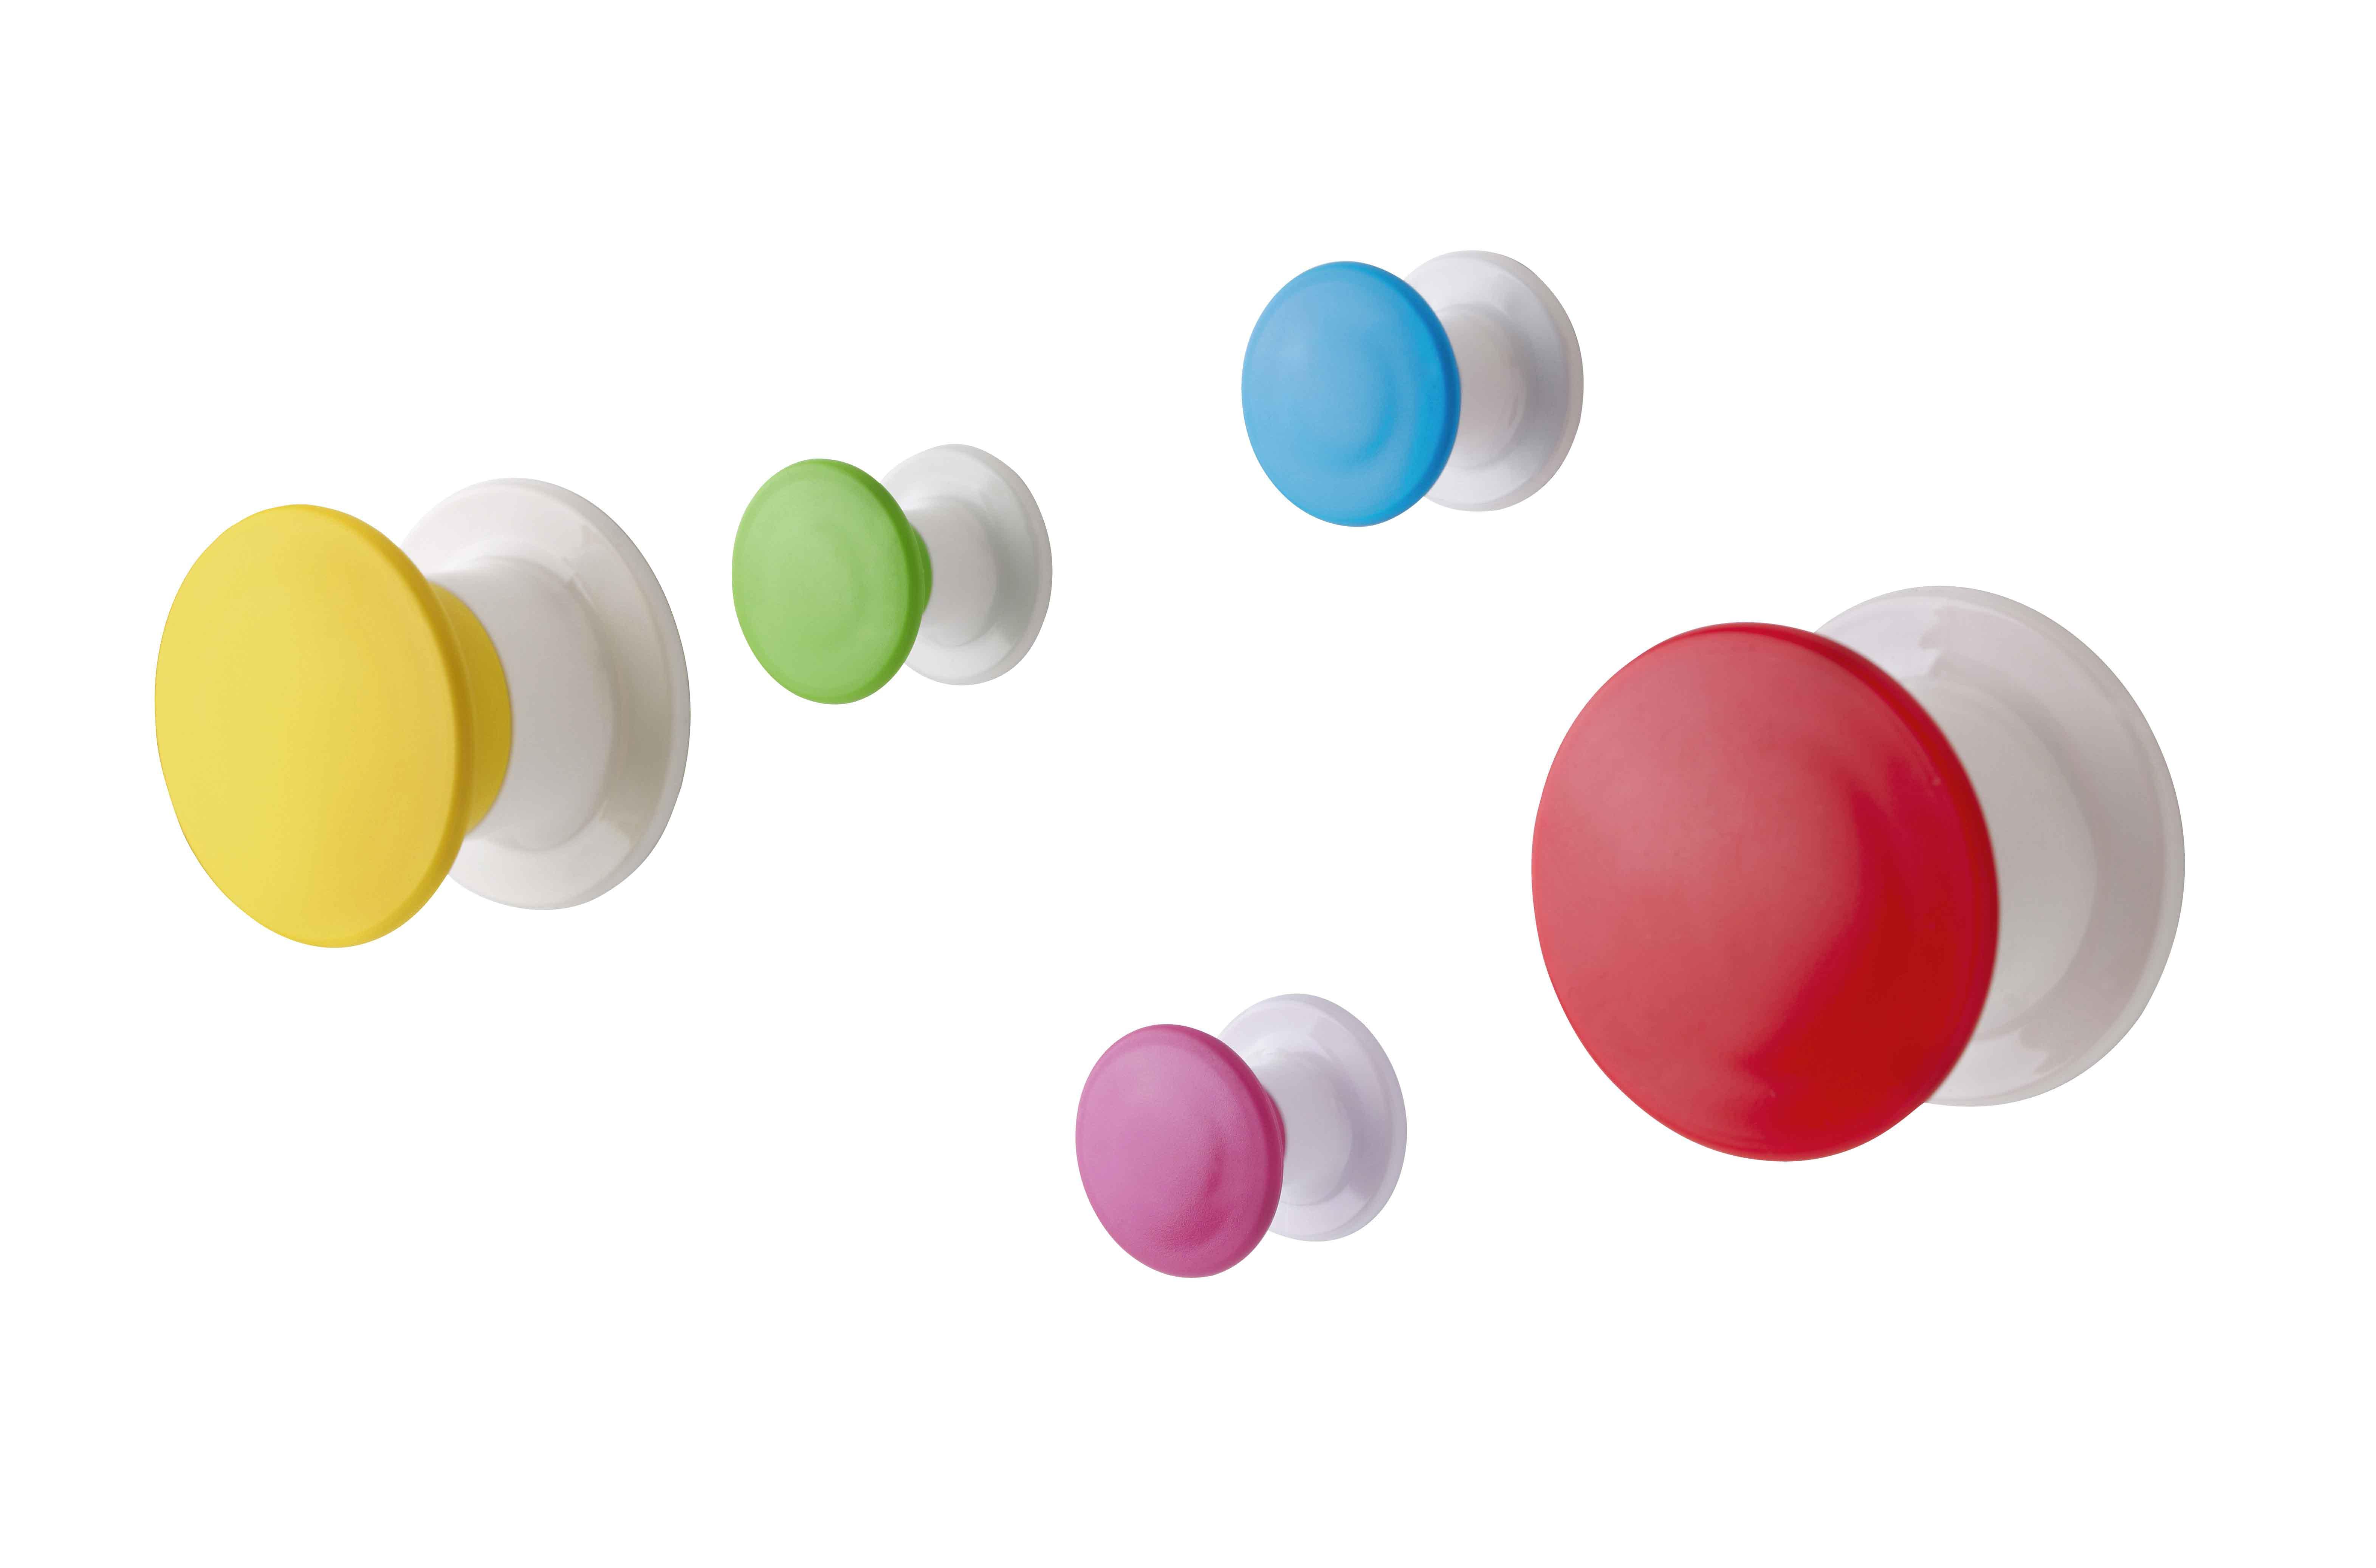 colorcheck - Jens Fleron